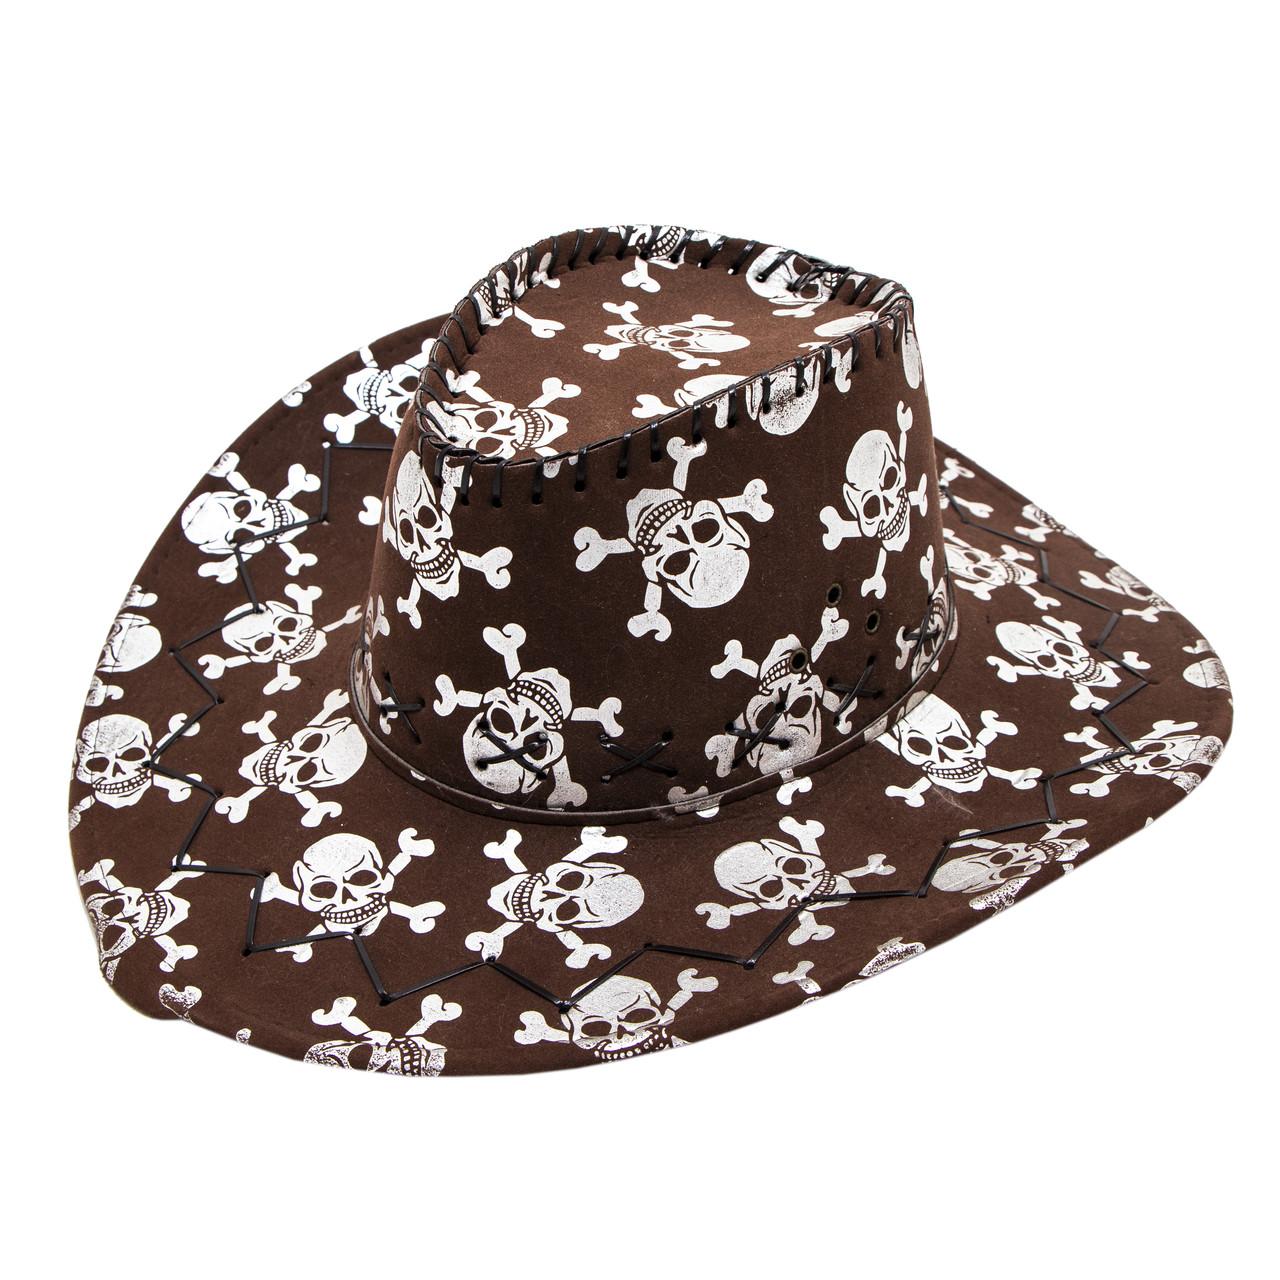 Шляпа кожаная, в черепа, 58-60 см (460120-2)